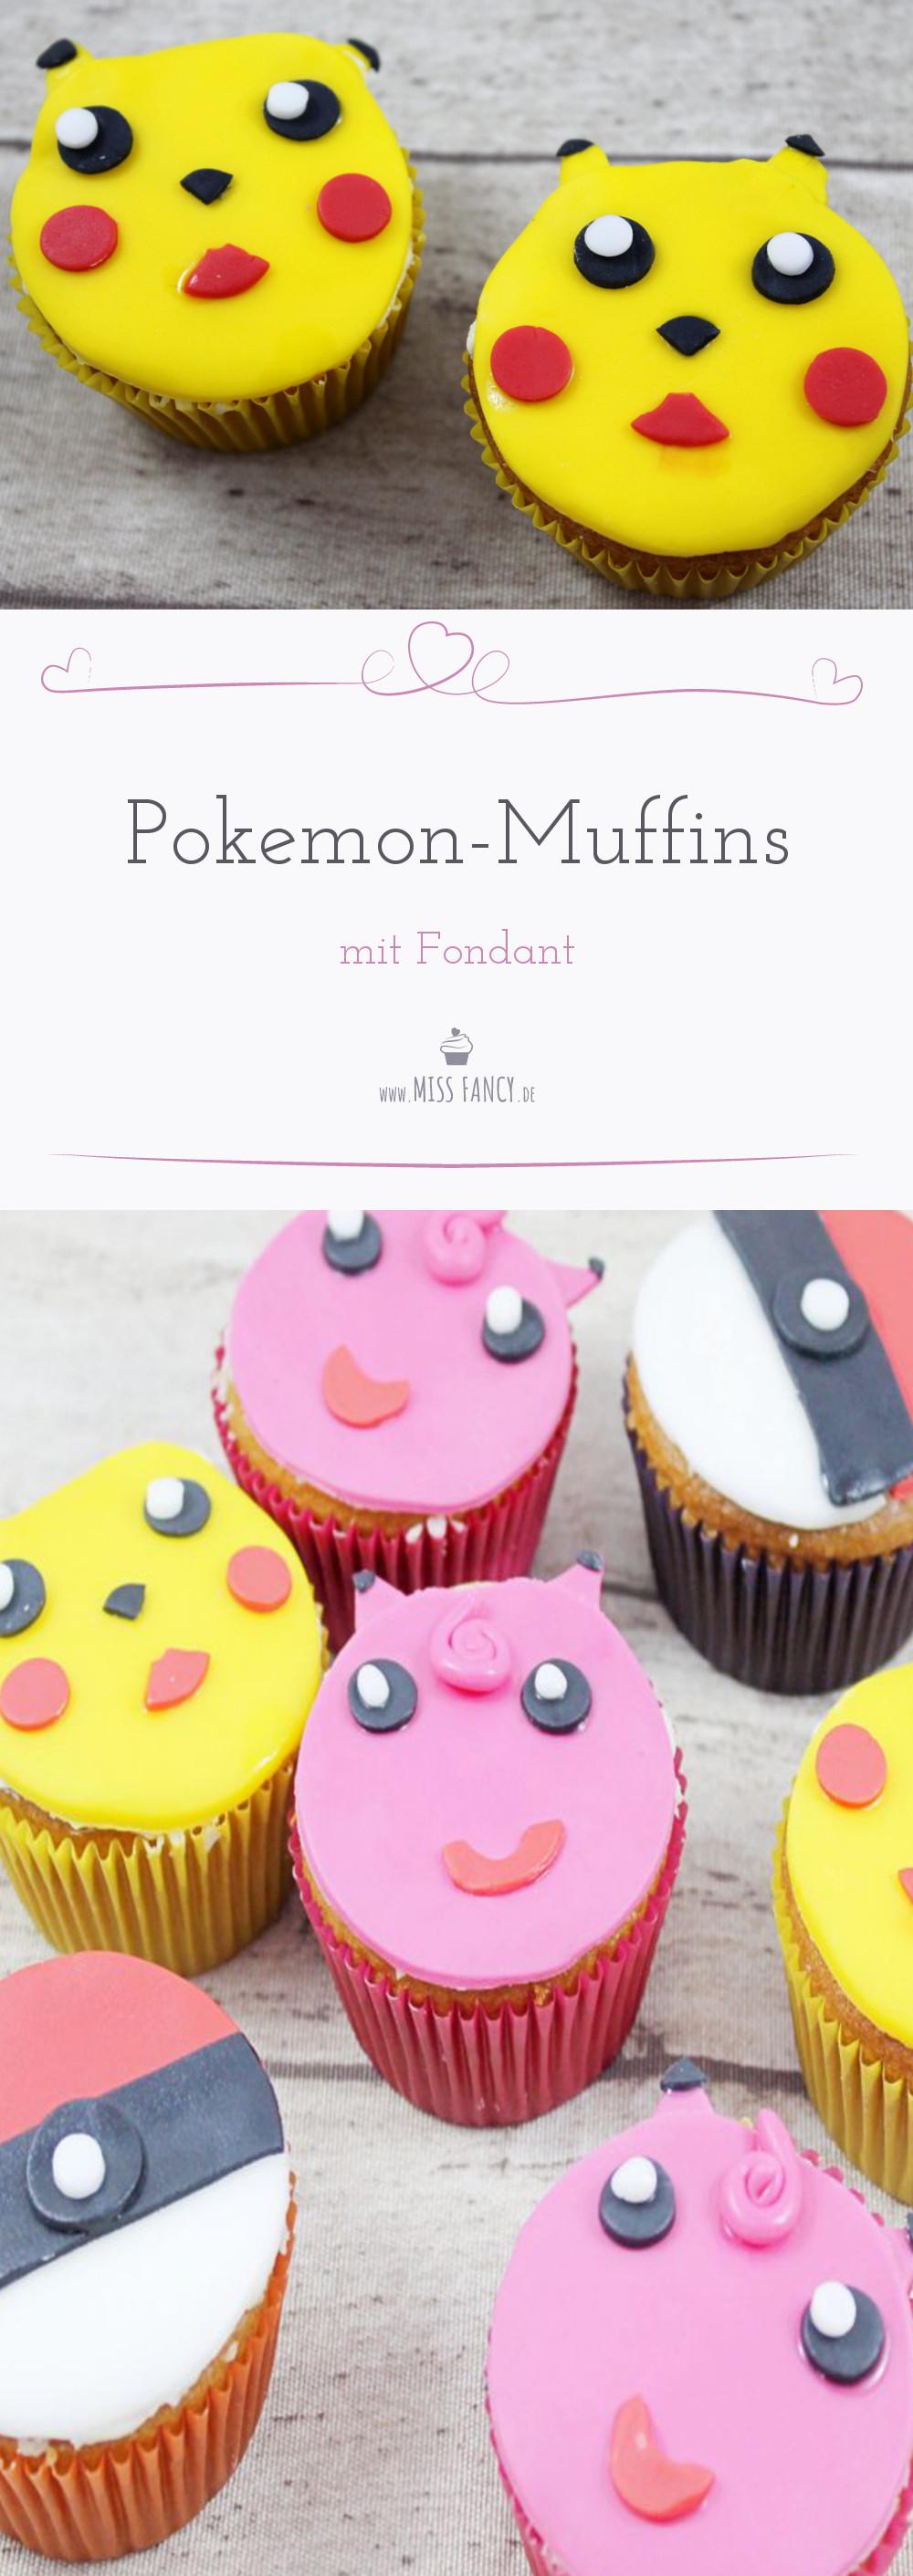 Pikachu, Pummeluff & Co. - Backrezept und Anleitung für Pokemon- und Pokeball-Muffins mit Fondant für eine gelungene Kinder-Geburtstagsparty.